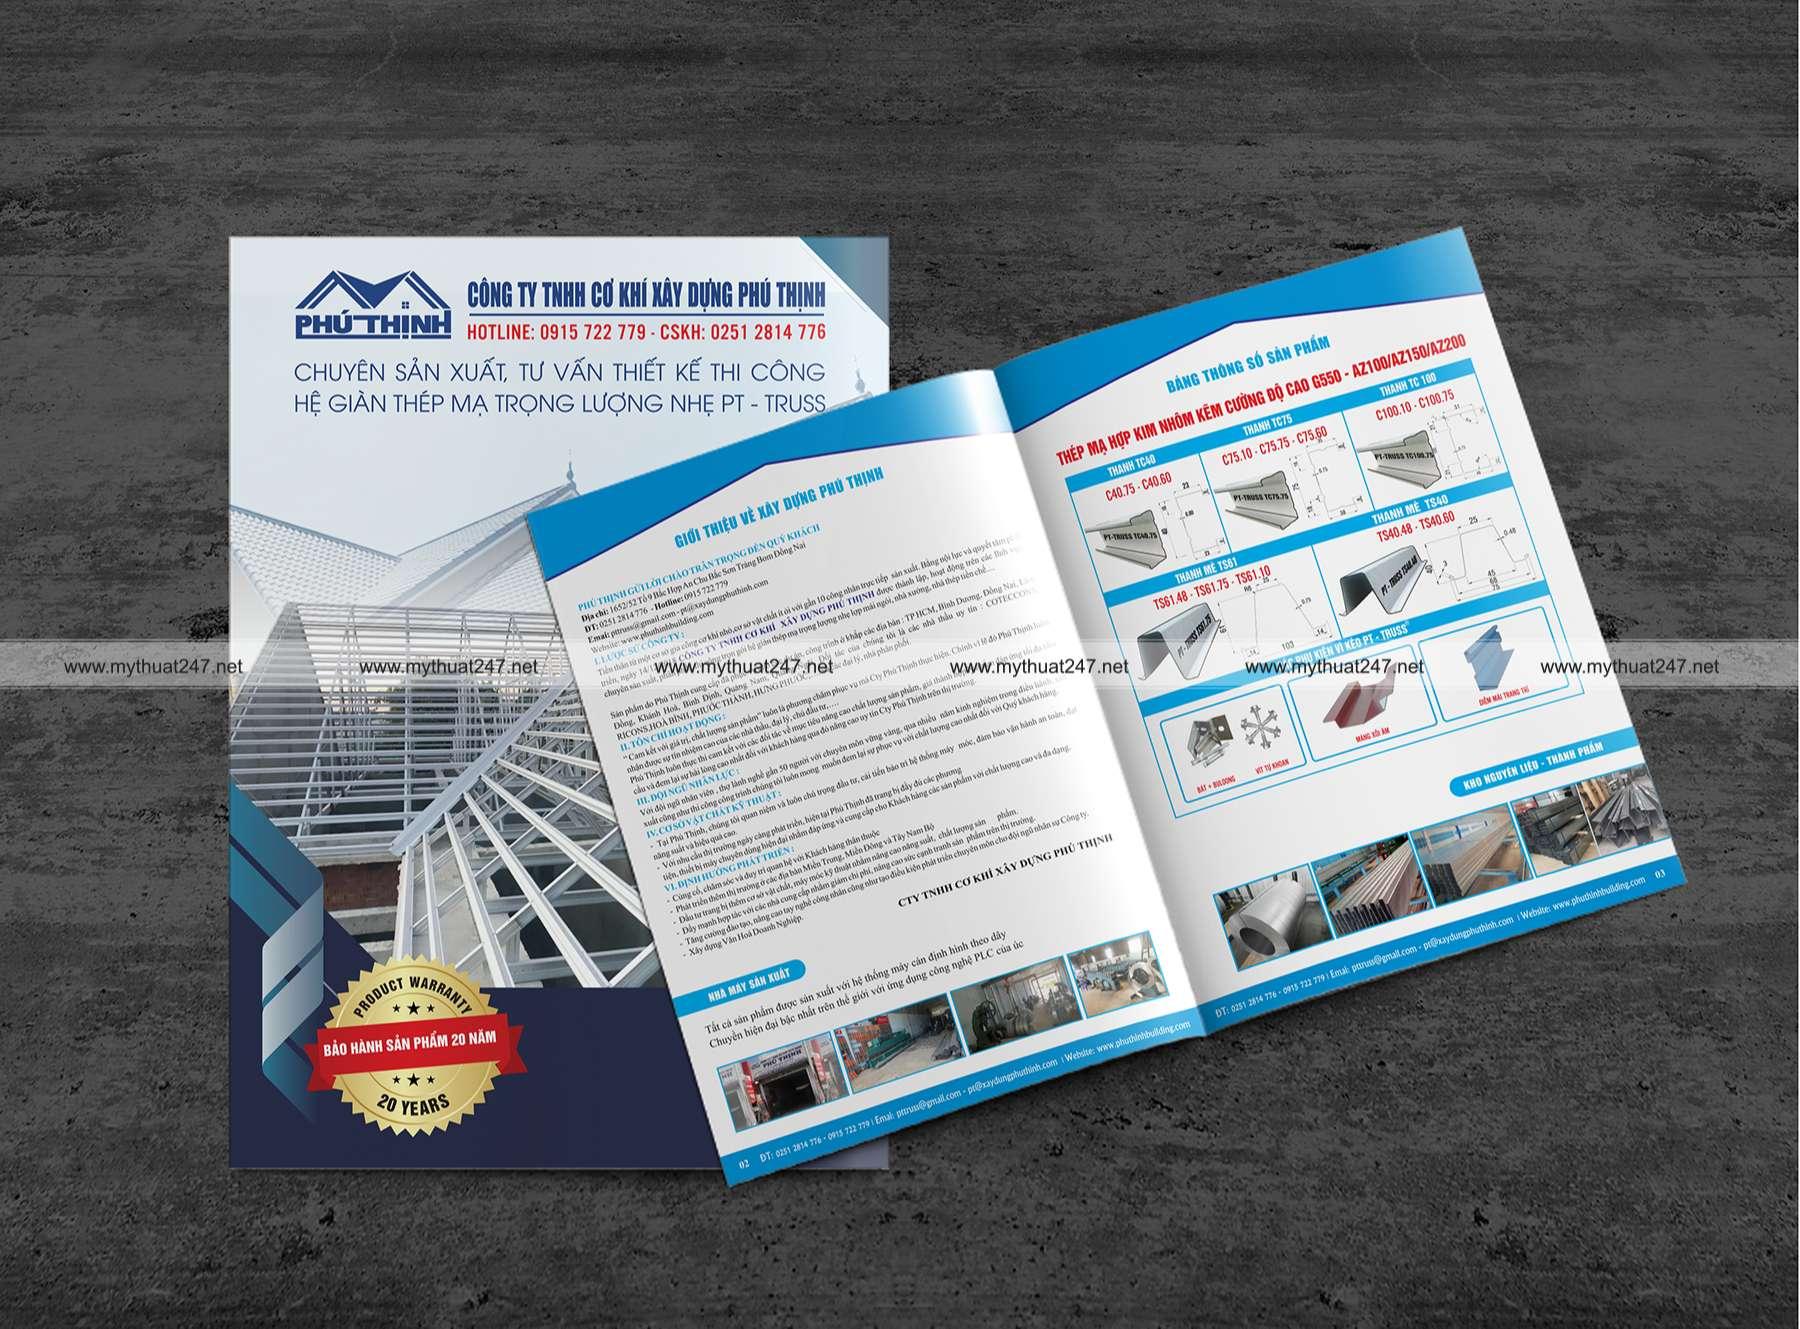 Thiết kế cataloge công ty tnhh cơ khí xây dựng phú thịnh